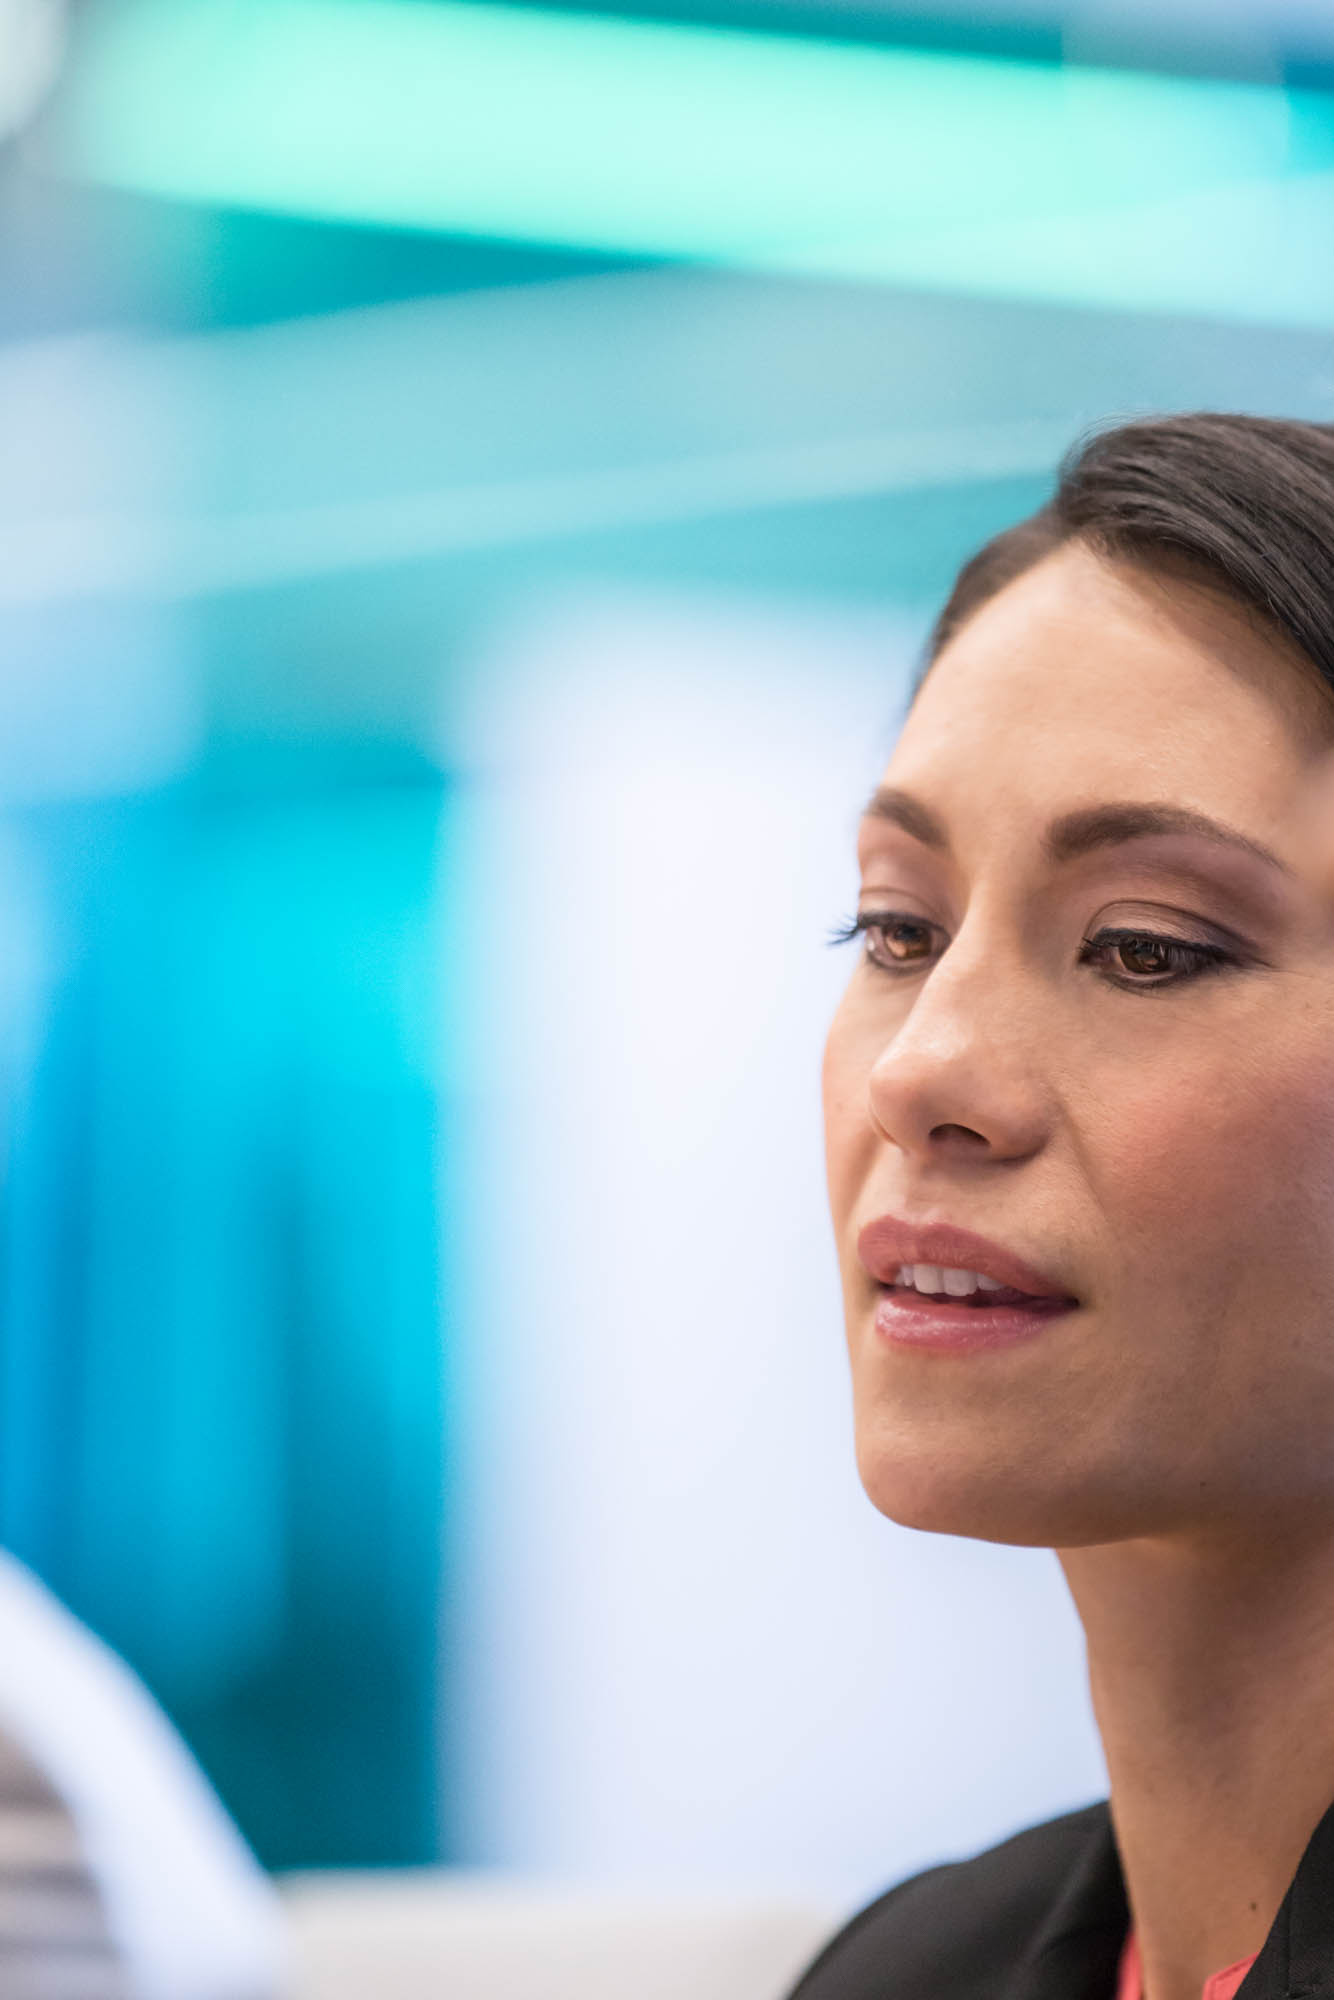 Close-up-of-woman-in-office-Jordan-Reeder.jpg